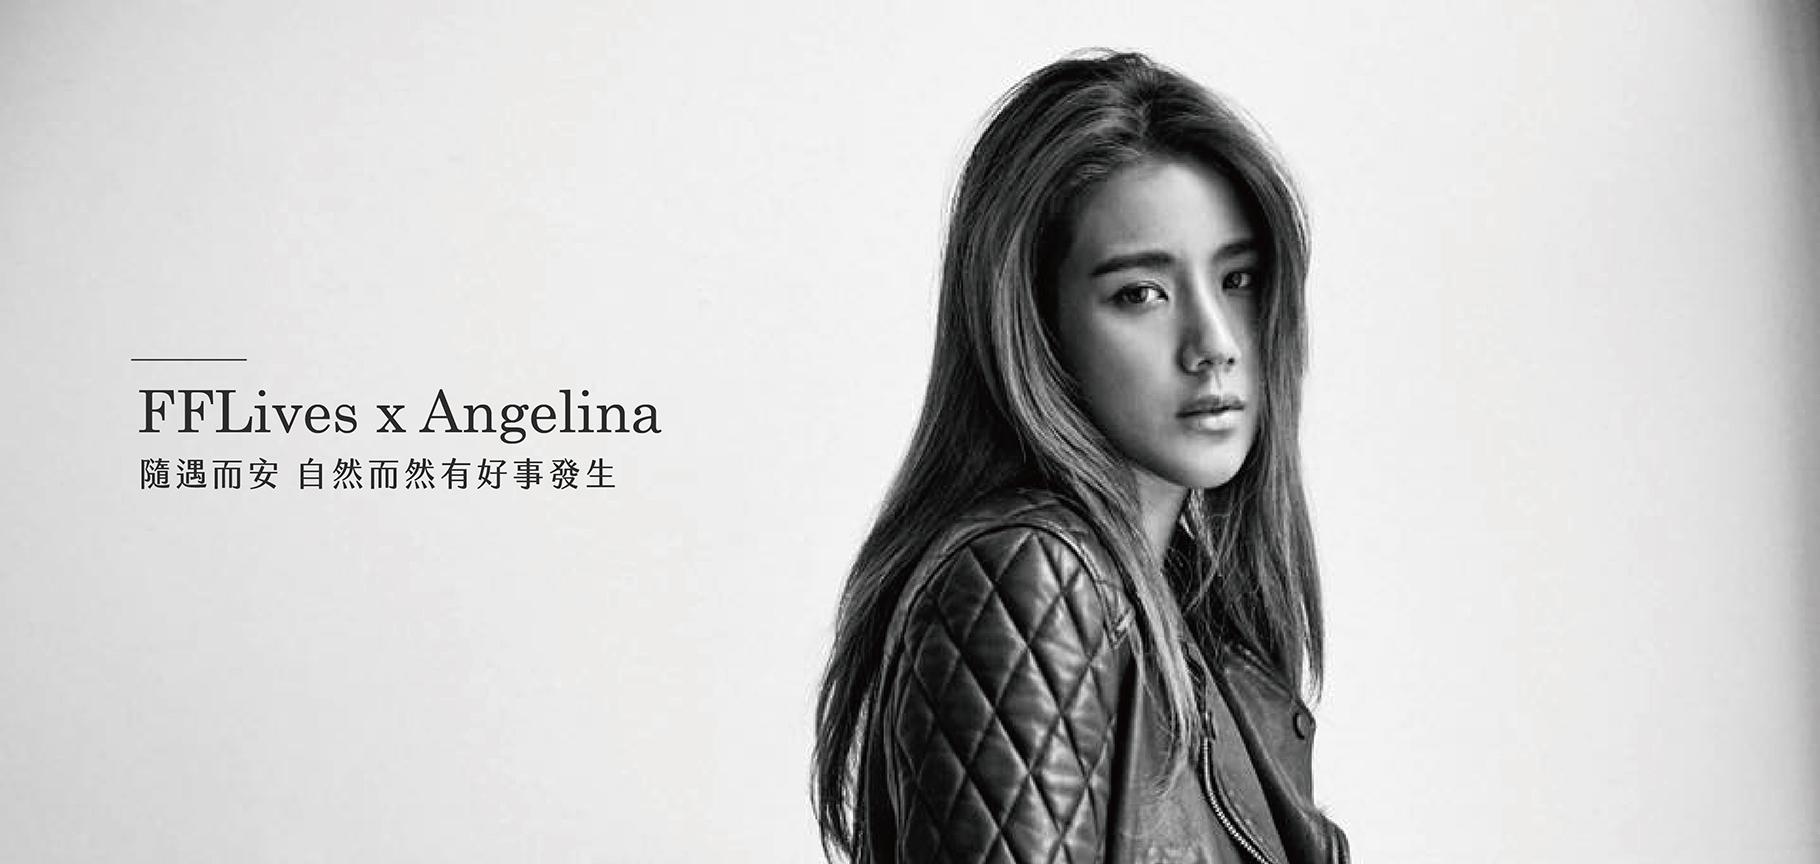 【人物專訪】Angelina:我不完美,但這就是最真實的我